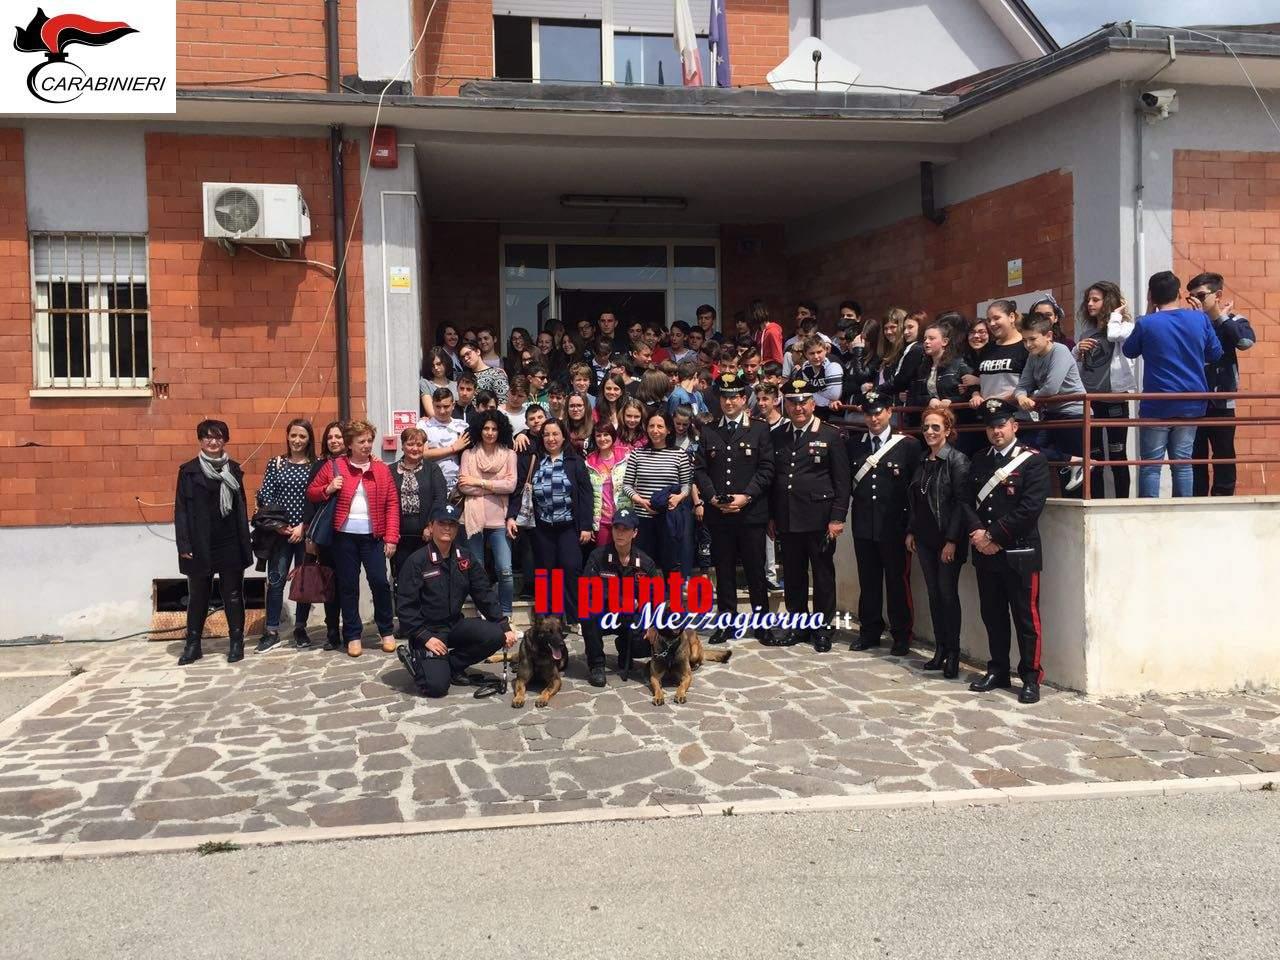 Piedimonte S.Germano- I carabinieri incontrano gli studenti dell'Istituto Don Minzoni